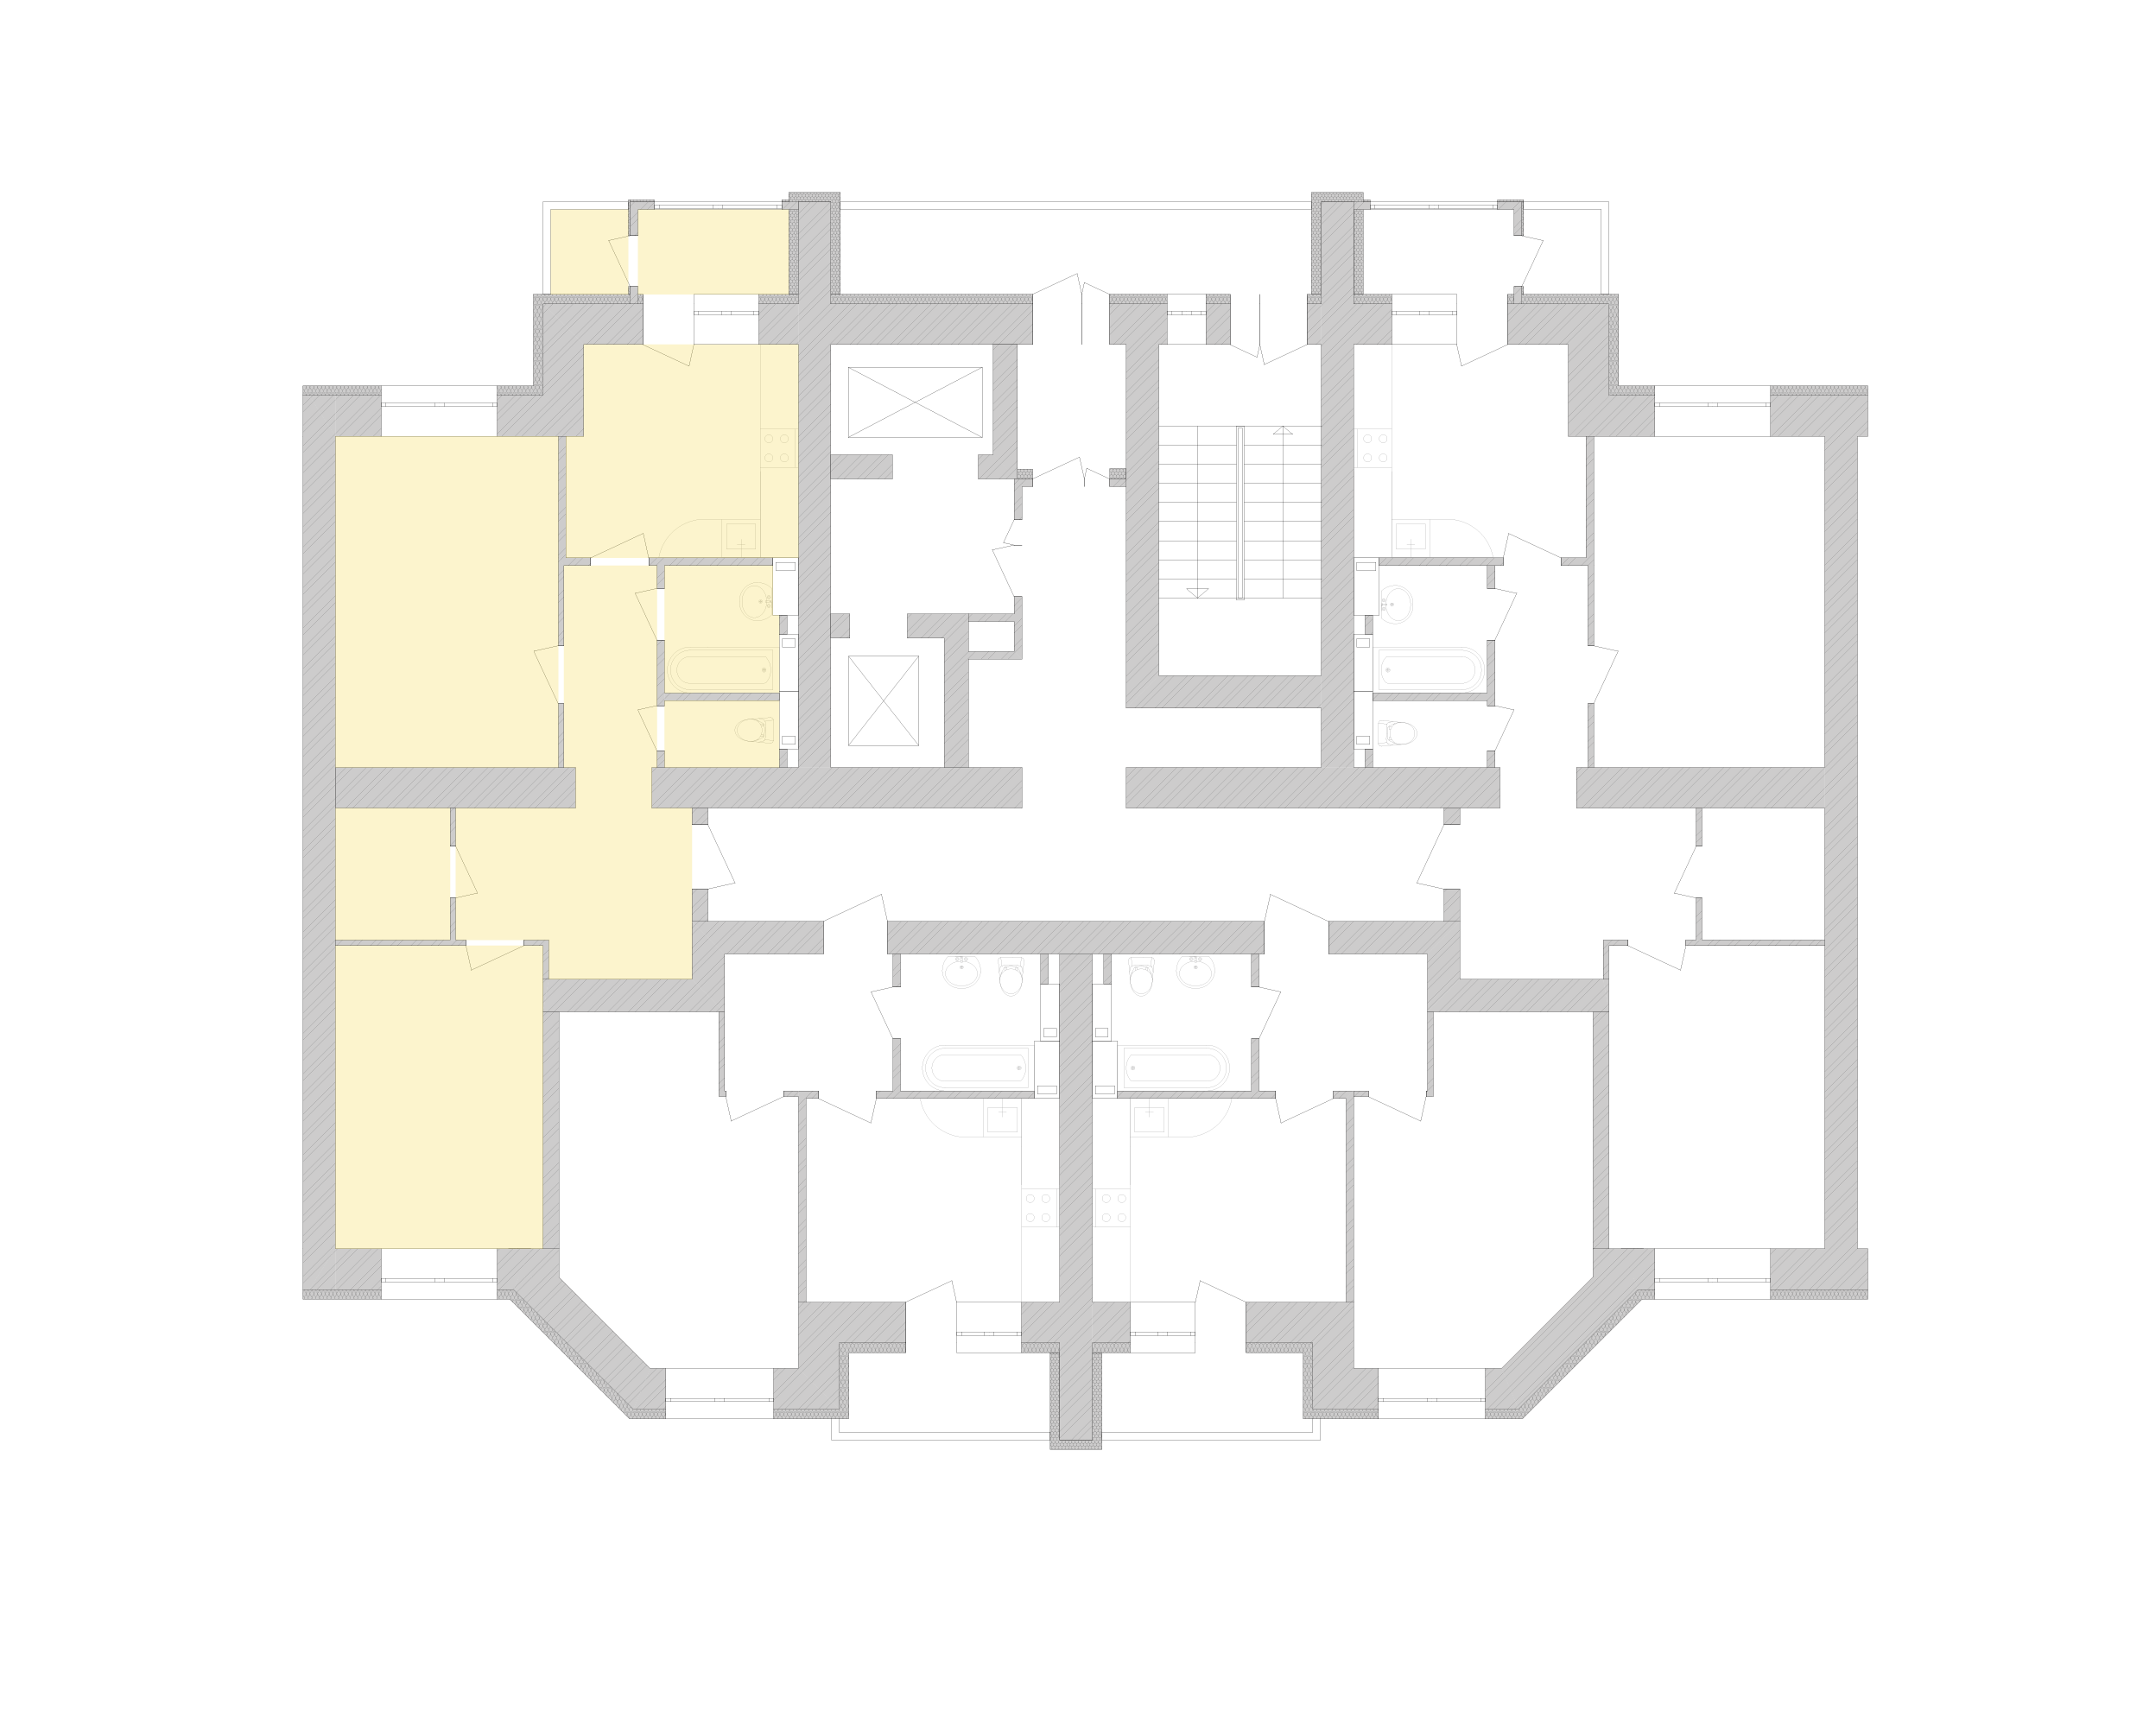 Двухкомнатная квартира 72,28 кв.м., тип 2.4, дом 1, секция 8 расположение на этаже